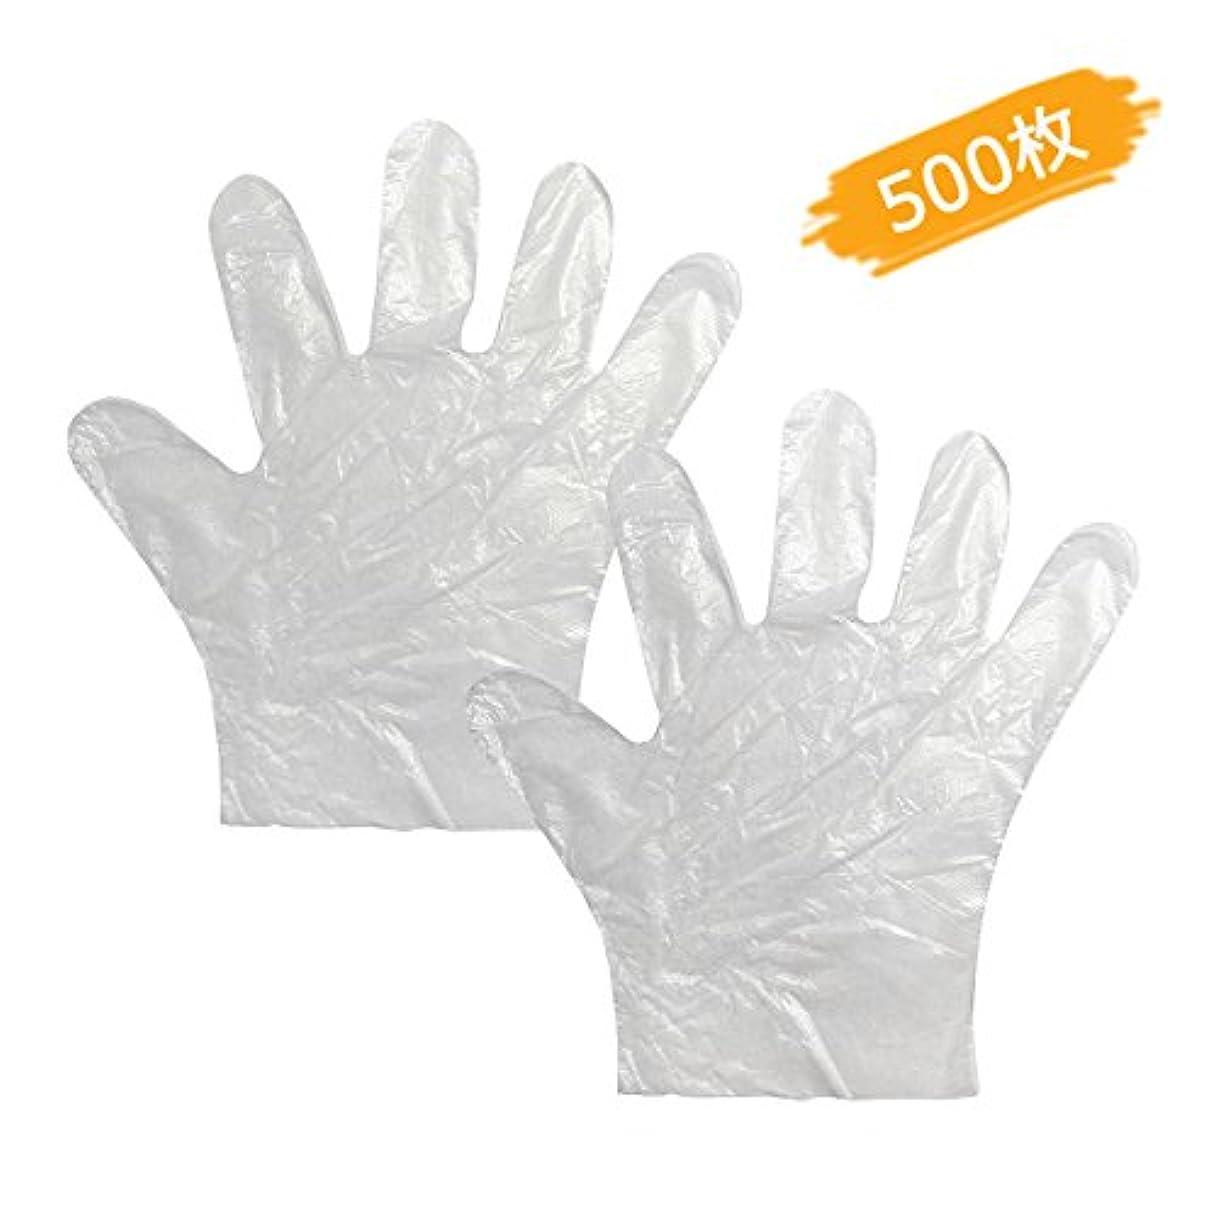 多様体用心するどこ使い捨て手袋 極薄ビニール手袋 調理 透明 実用 衛生 500枚入